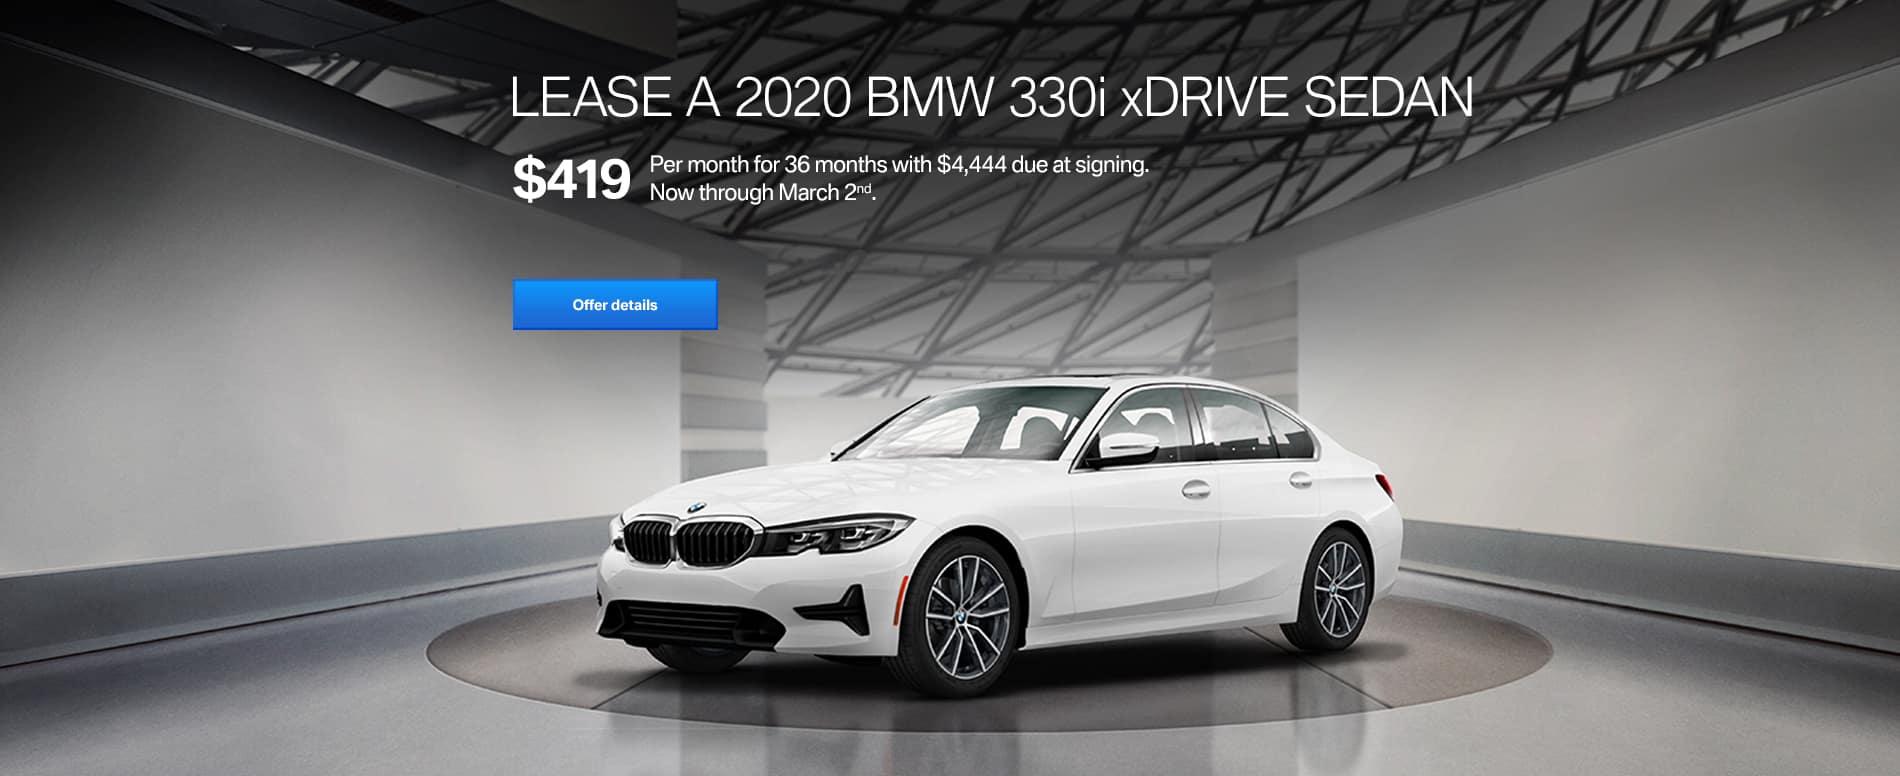 clevelandakronFEB_PUSH_BMW_330i_xDrive_419_4444-DAS_Desktop